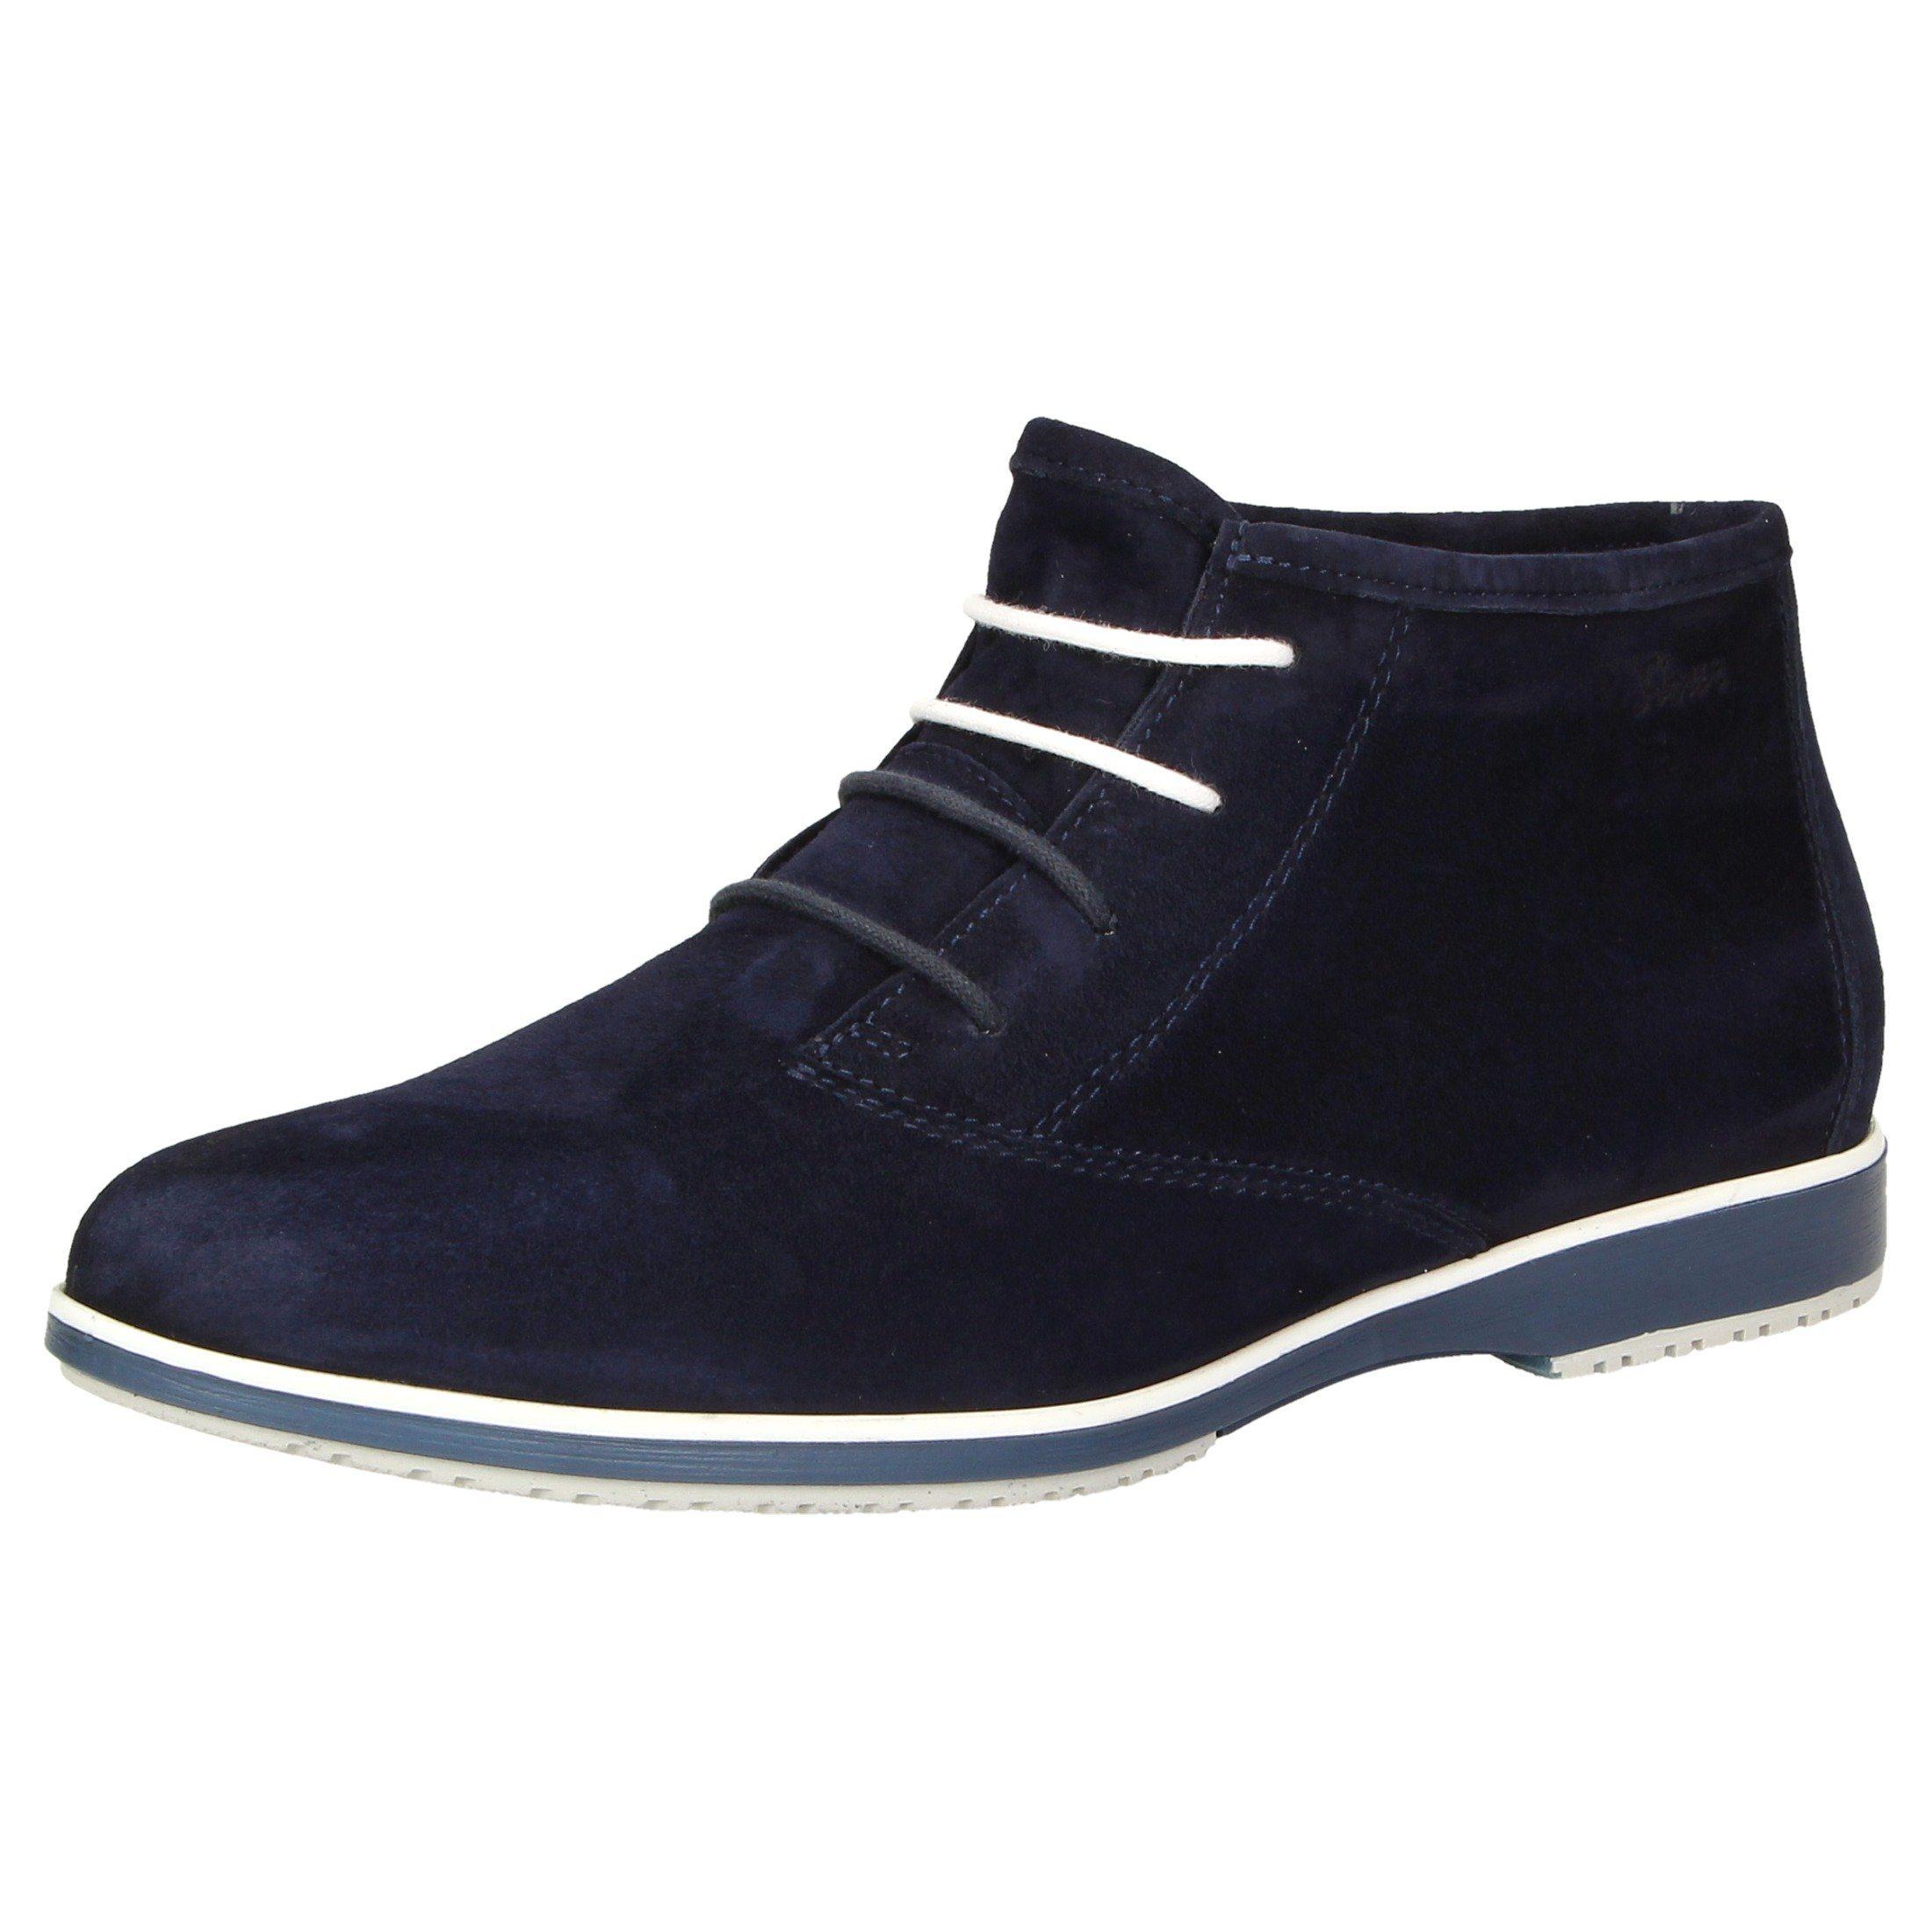 SIOUX Danja Schnürstiefelette online kaufen  blau